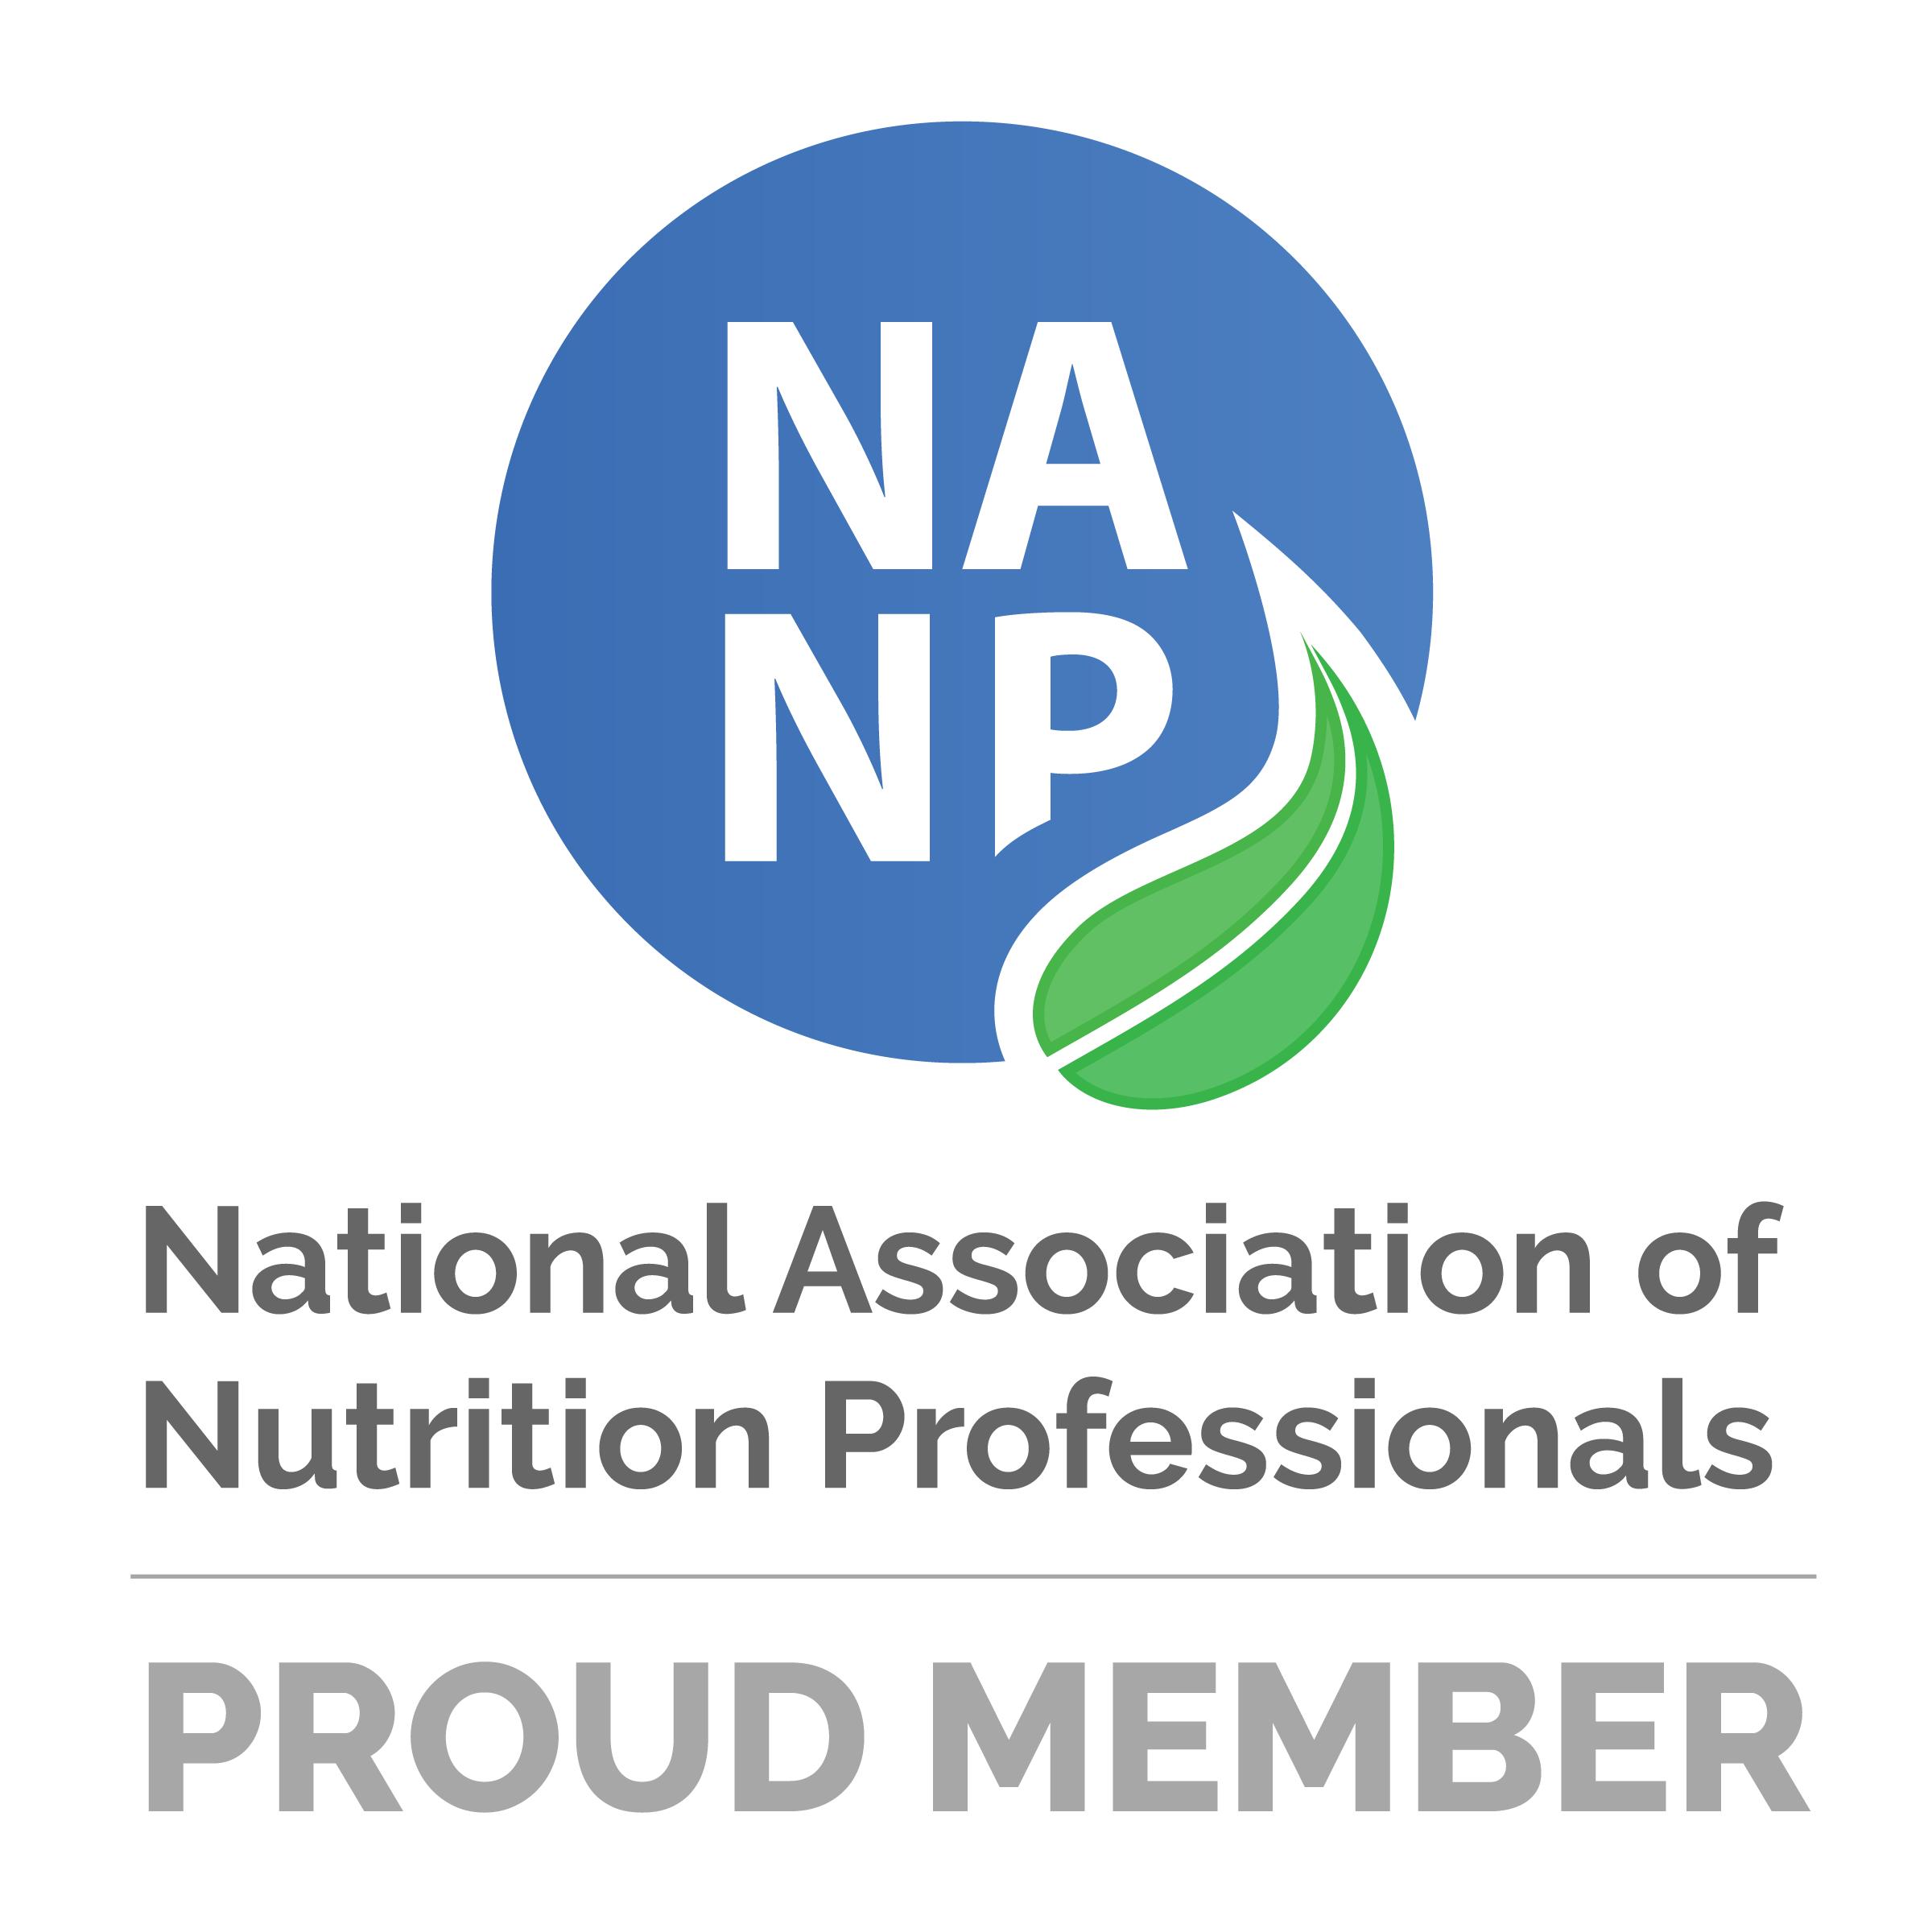 NANP Proud Member Logo 2400x2400.png